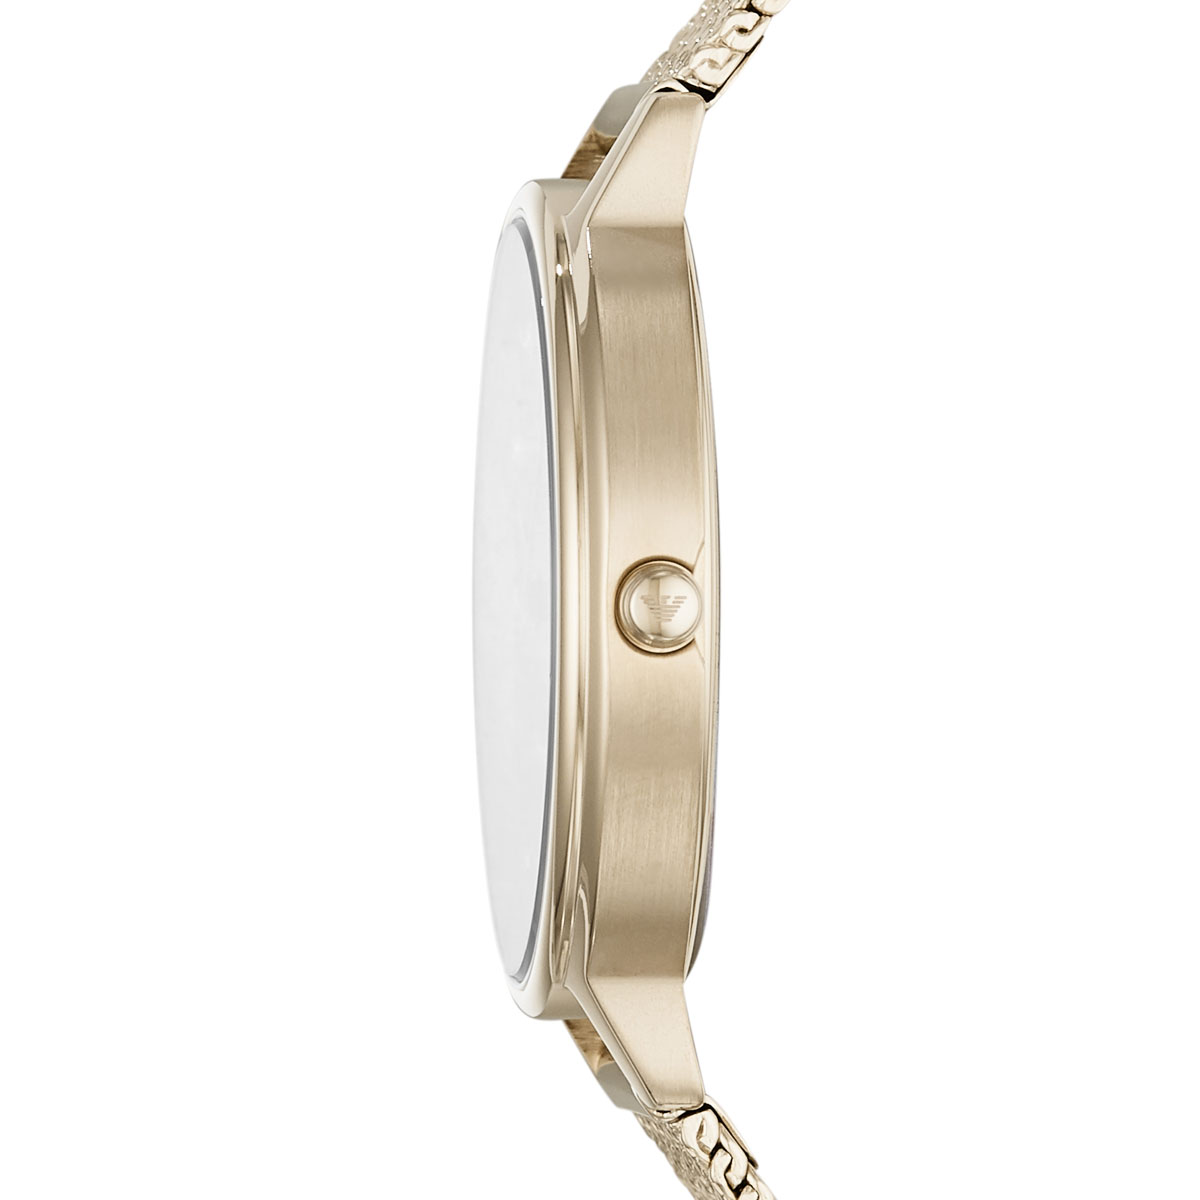 エンポリオアルマーニ EMPORIO ARMANI 腕時計 レディース カッパ KAPPA AR11129【2018 新作】